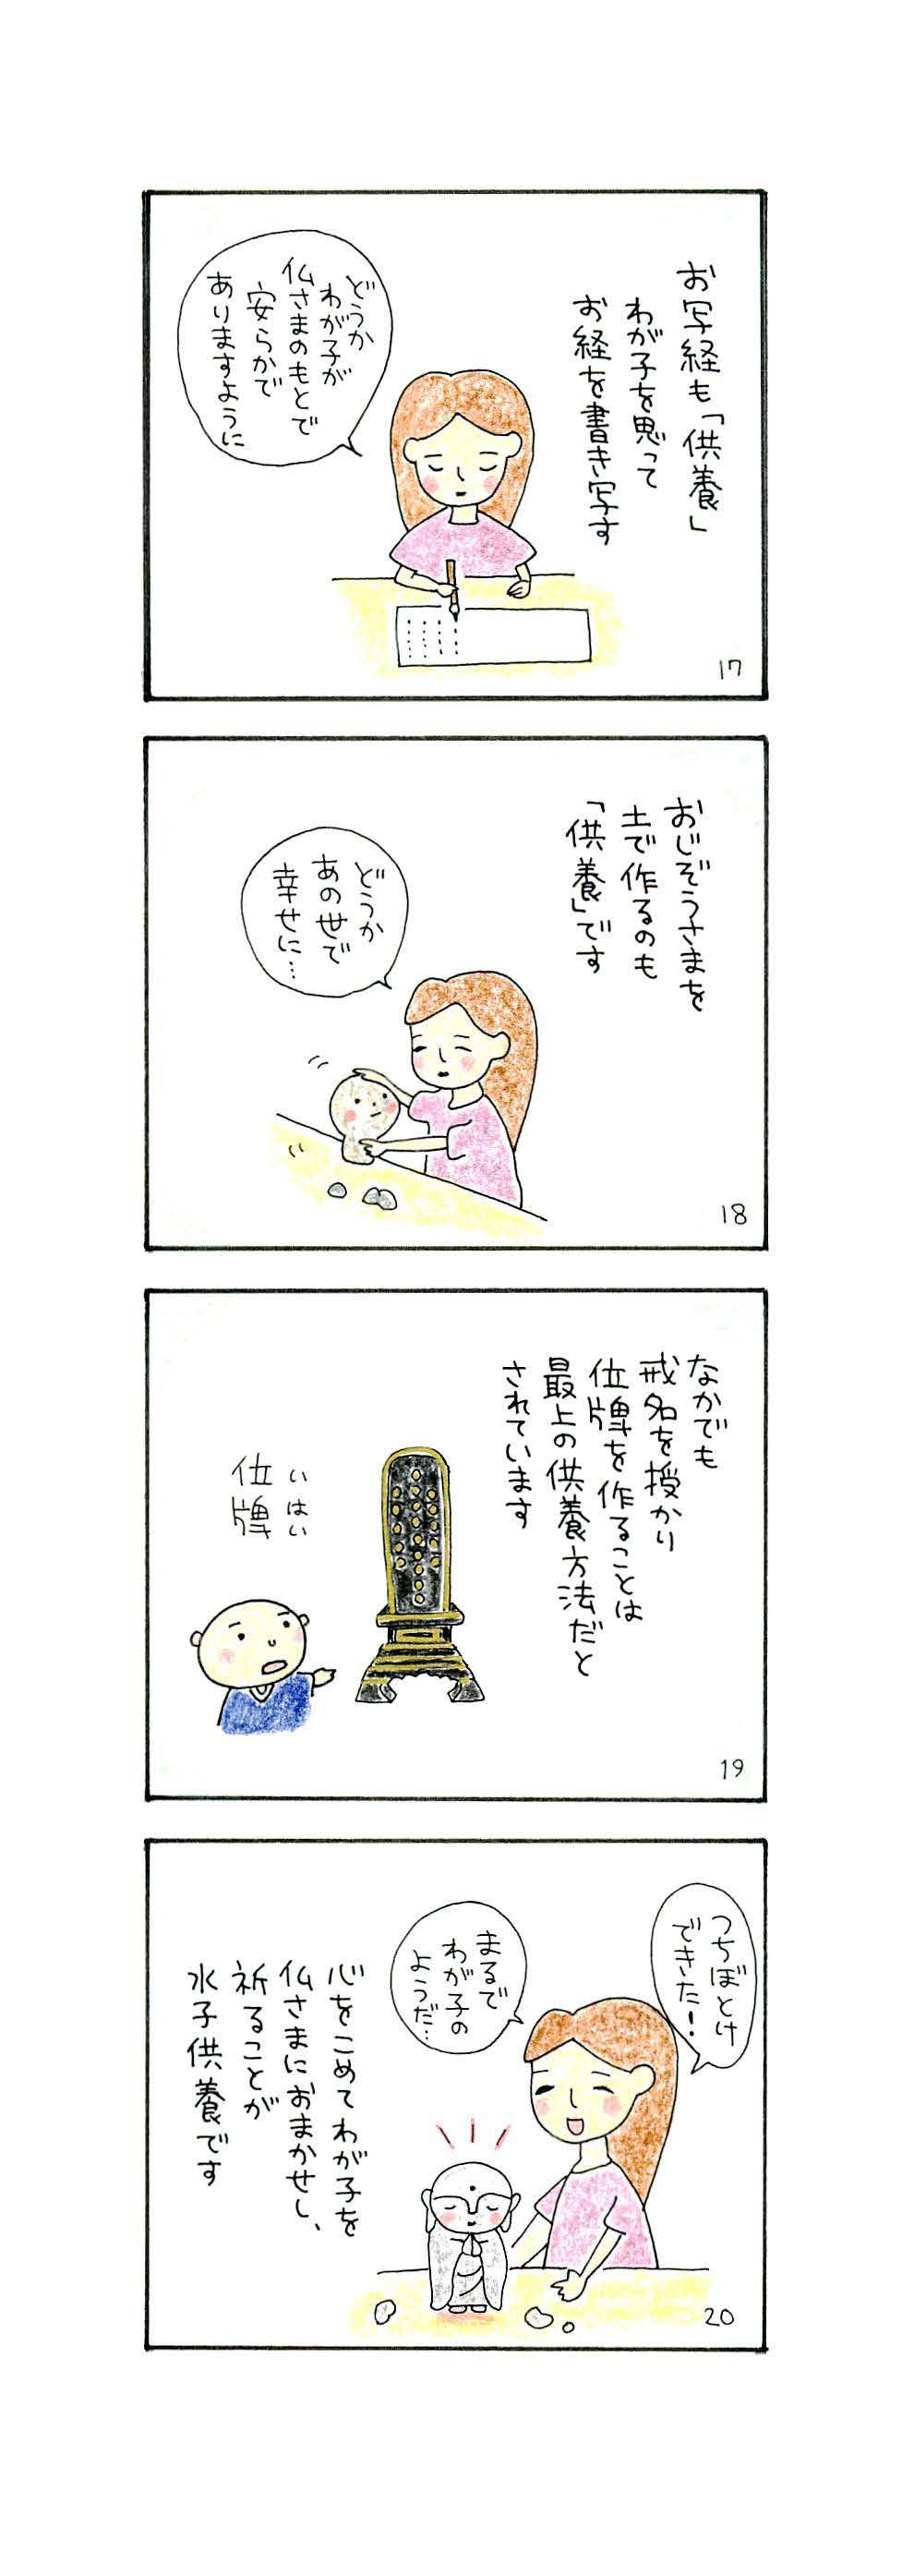 水子供養漫画薫明_ページ_5